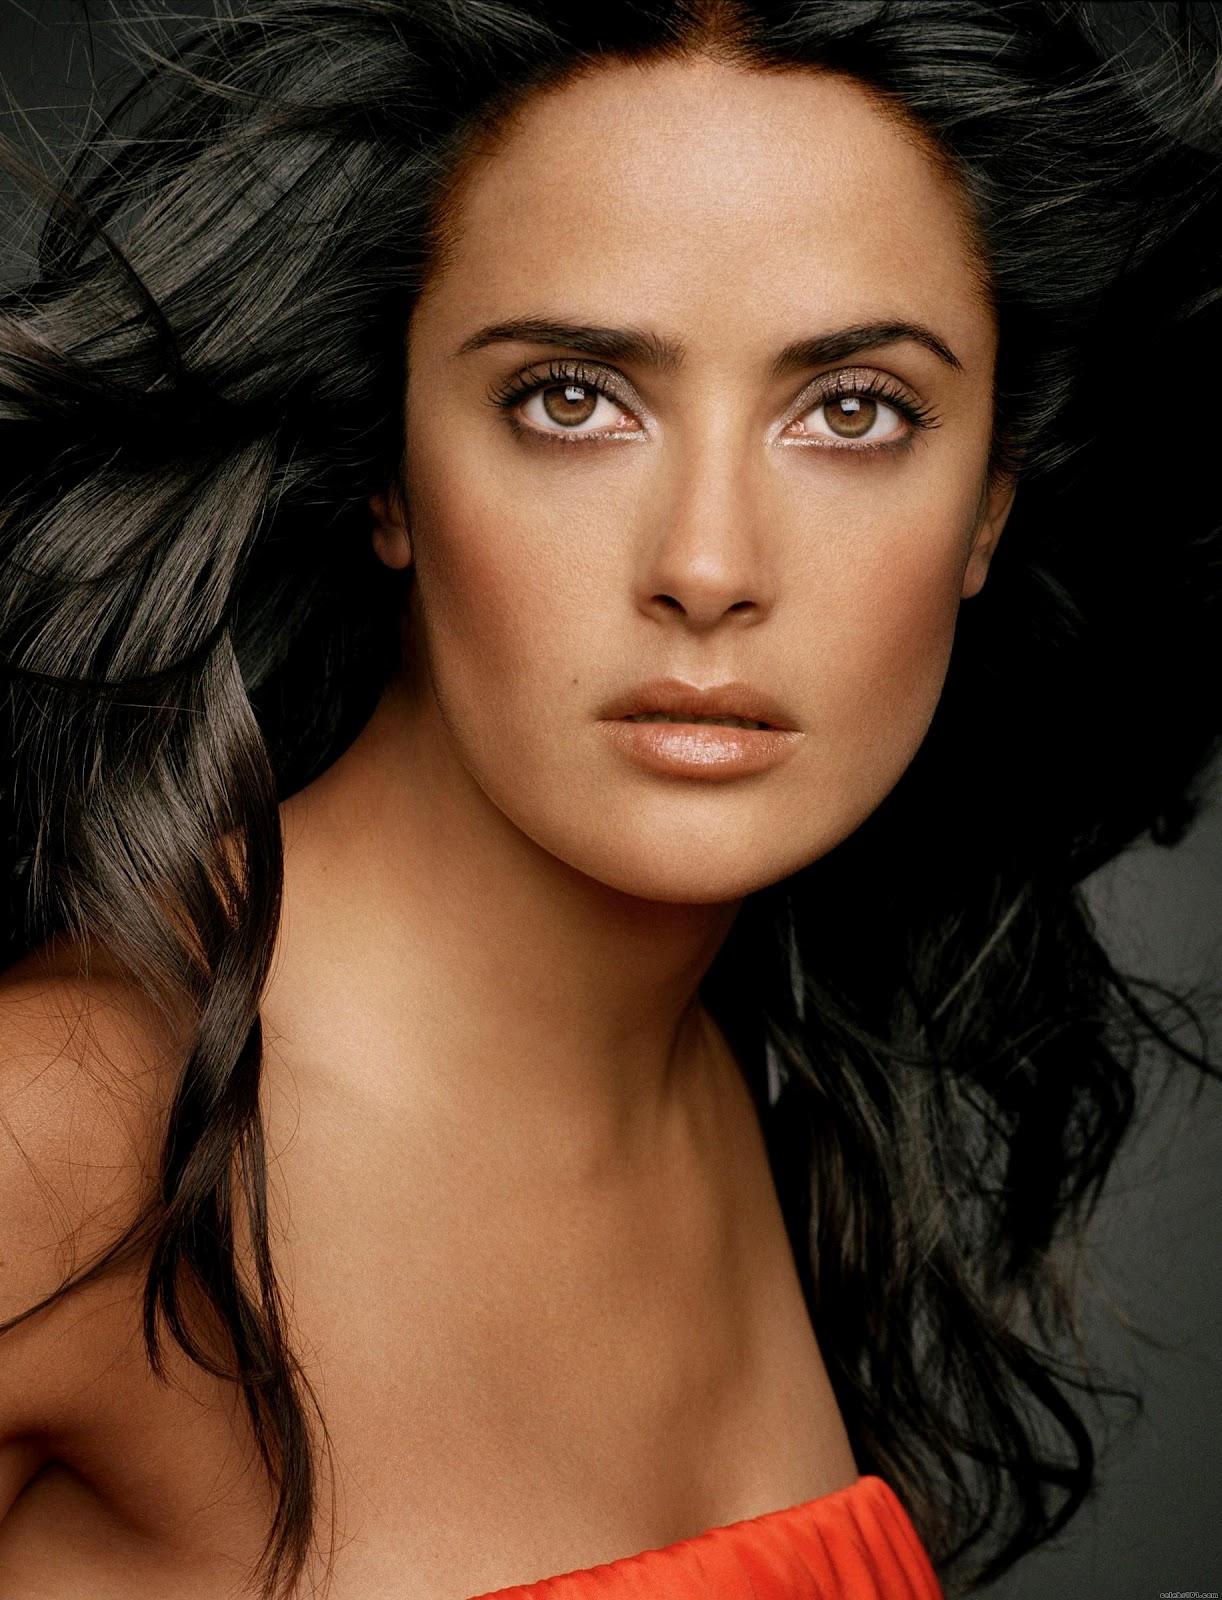 http://1.bp.blogspot.com/-M_skemD_bRg/UDG98JZEswI/AAAAAAAADBQ/A1FS3ID3qLc/s1600/Salma_Hayek.jpg#salma%20hayek%20gif%201222x1600